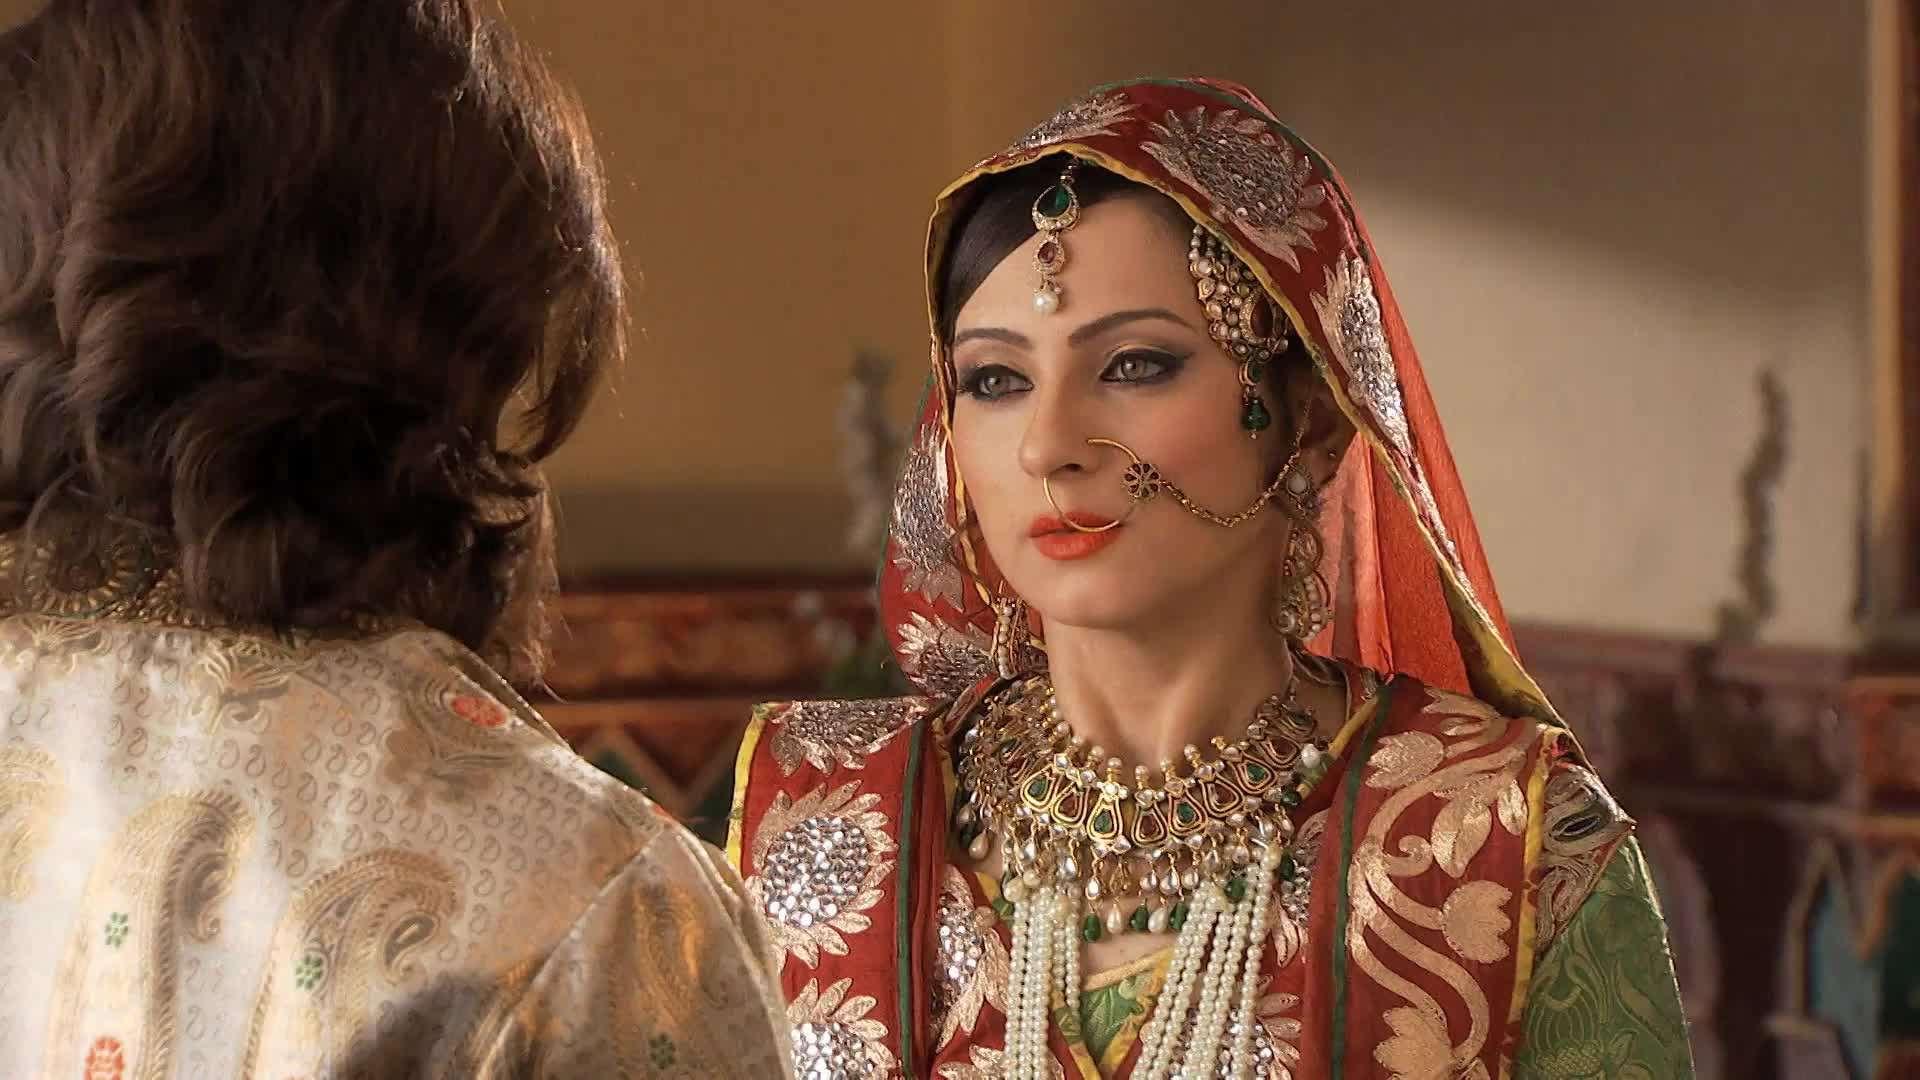 المسلسل الهندي التاريخي جودا أكبر الجزء الثاني (2013) [مدبلج] كامل 1080p تحميل تورنت 18 arabp2p.com